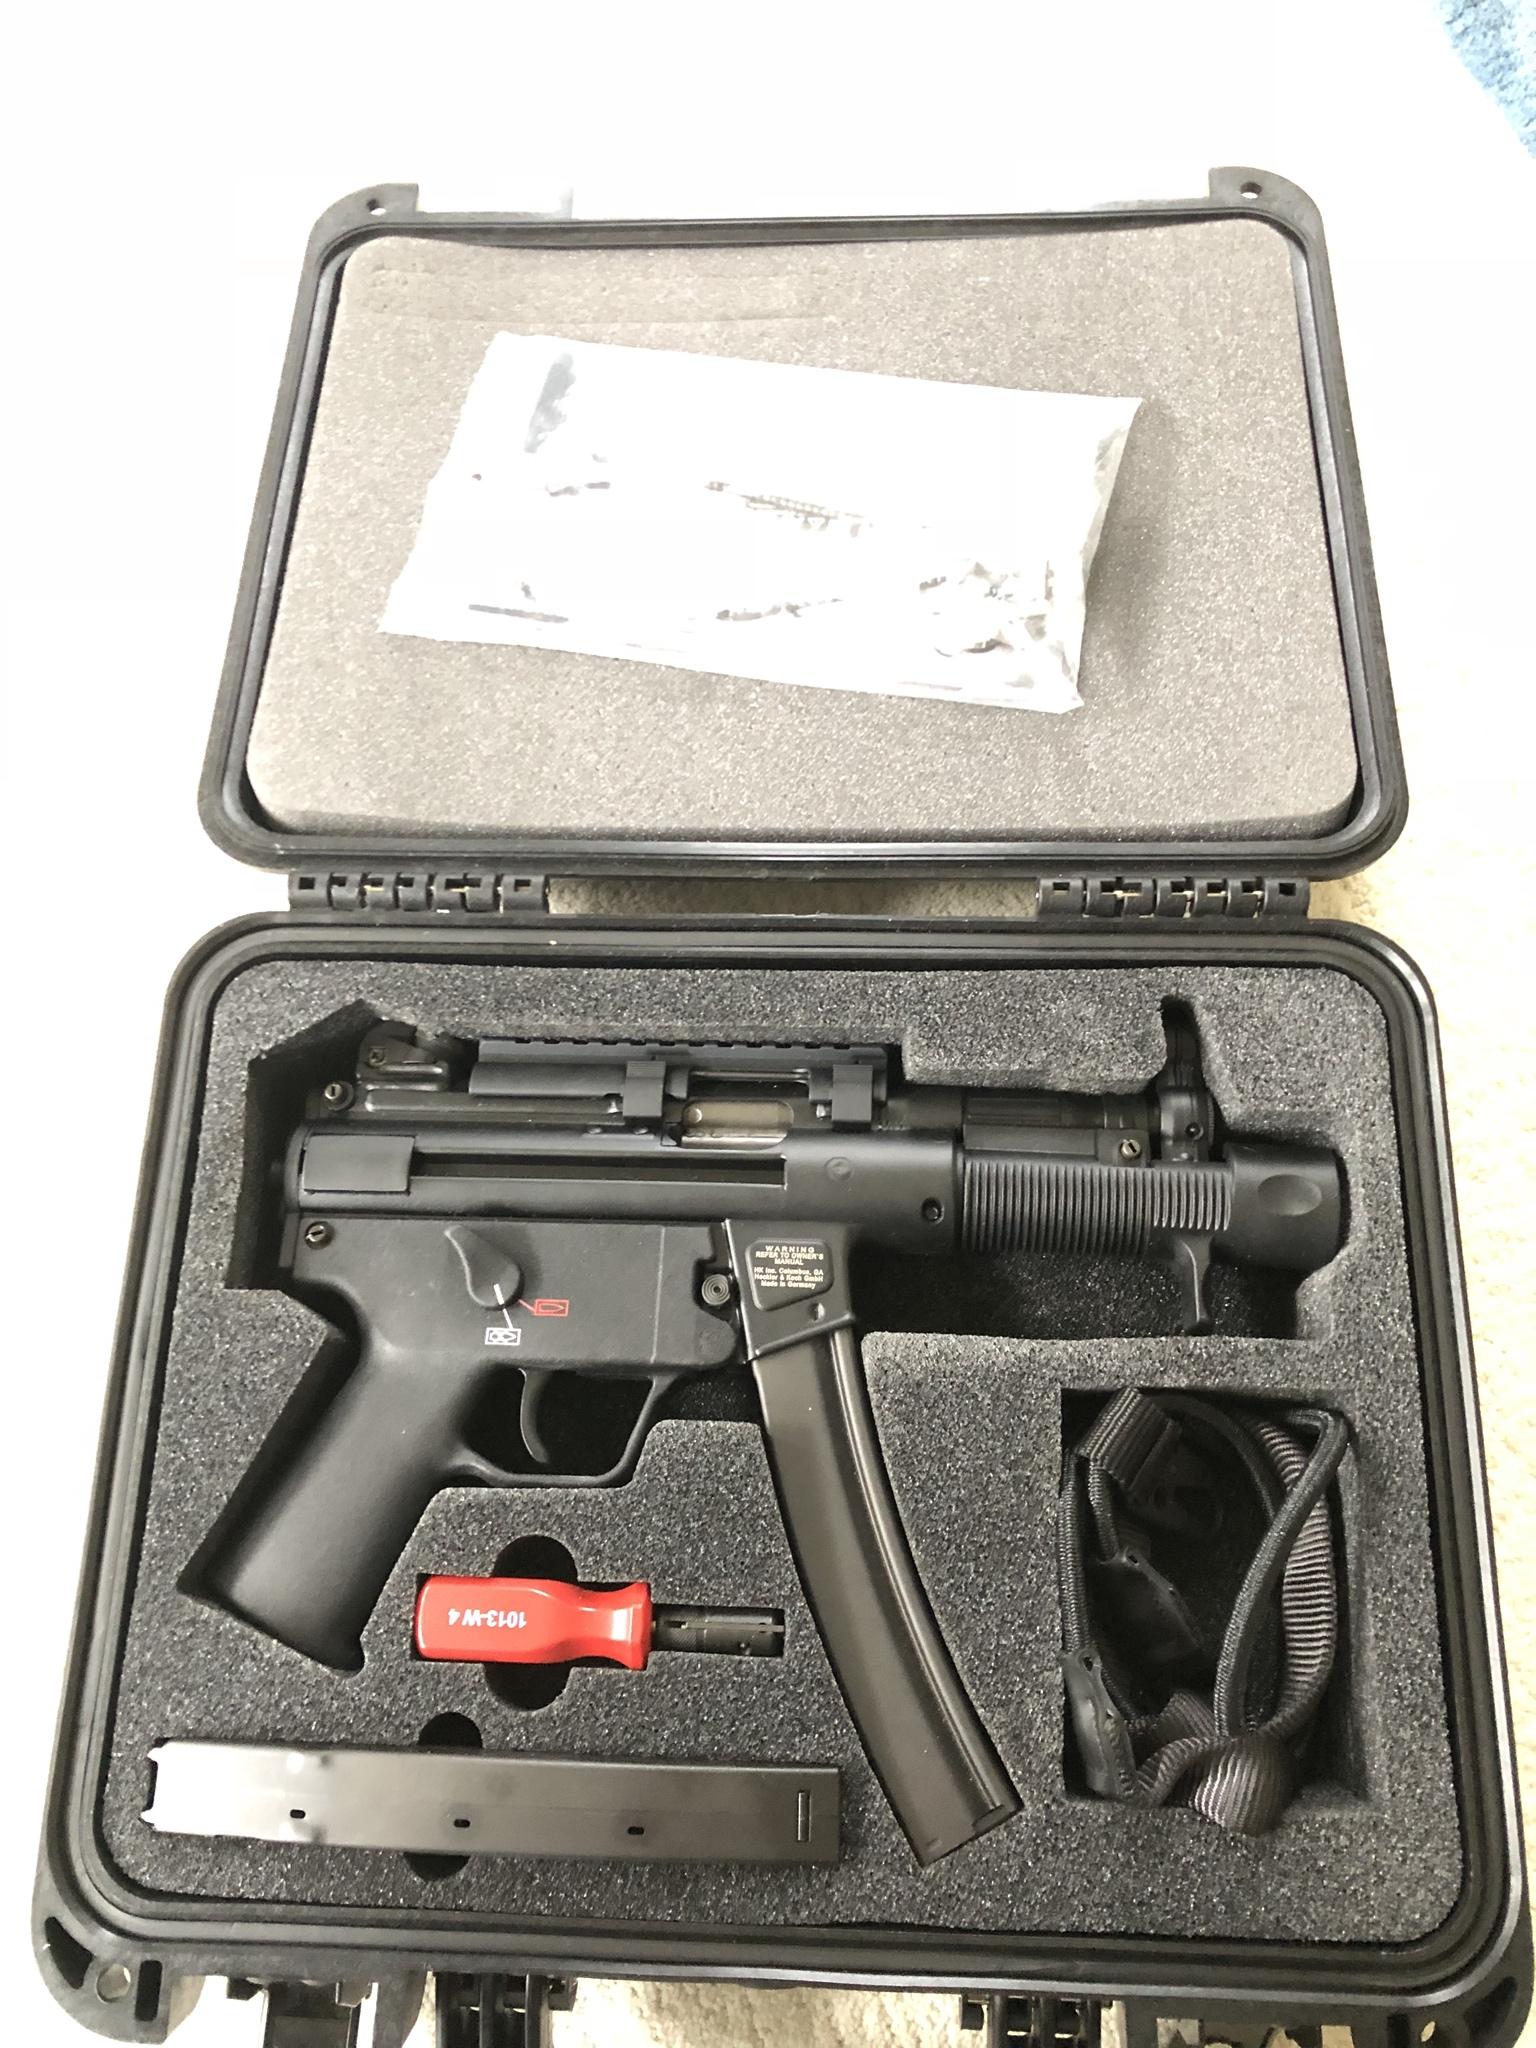 SOLD: nib HK sp5k ,200 Shipped-dthqsxx.jpg